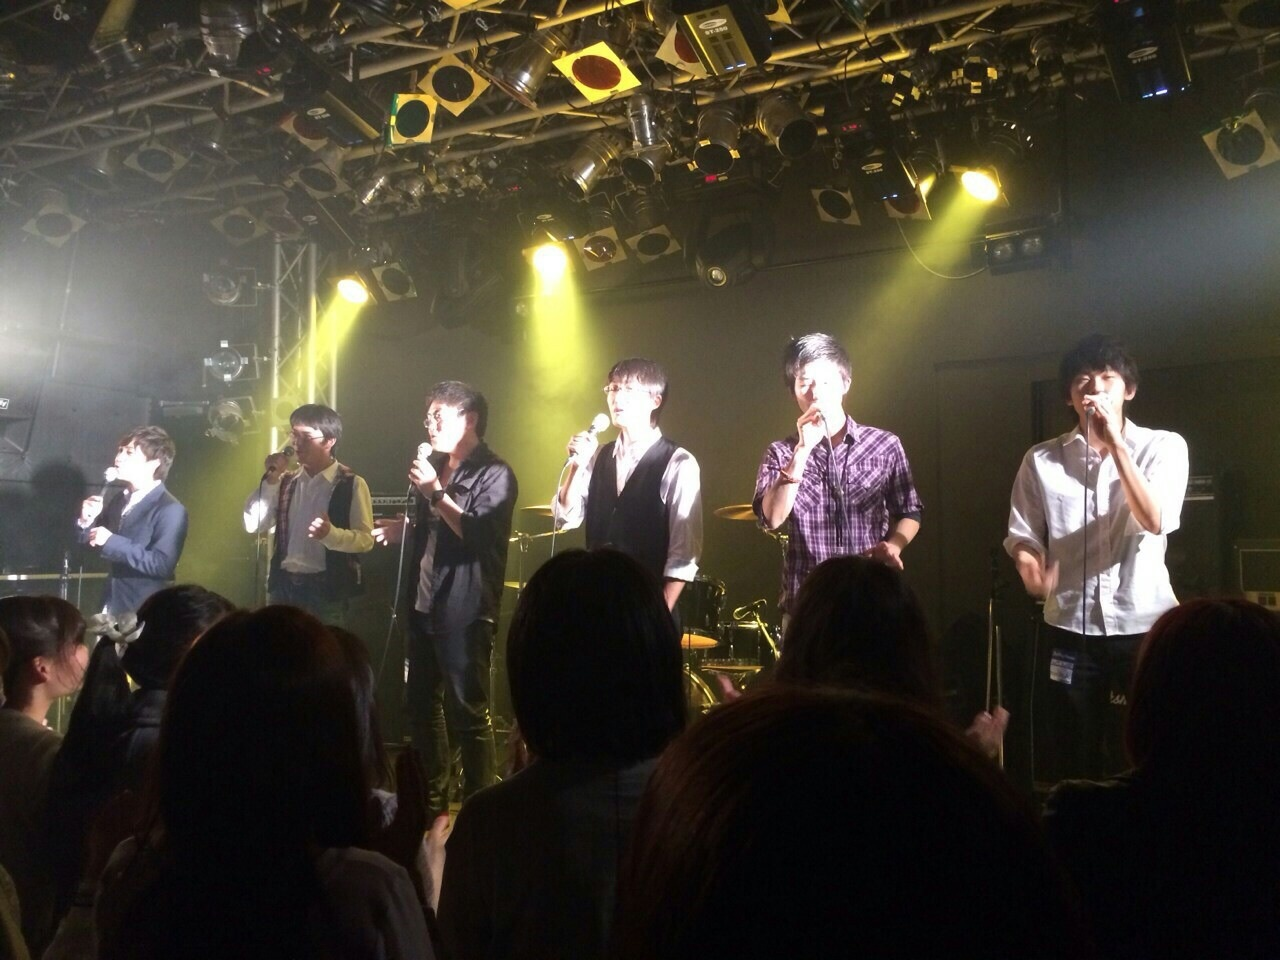 アカペラバンド monolick 卒業ライブ 2015_a0157409_11550308.jpg